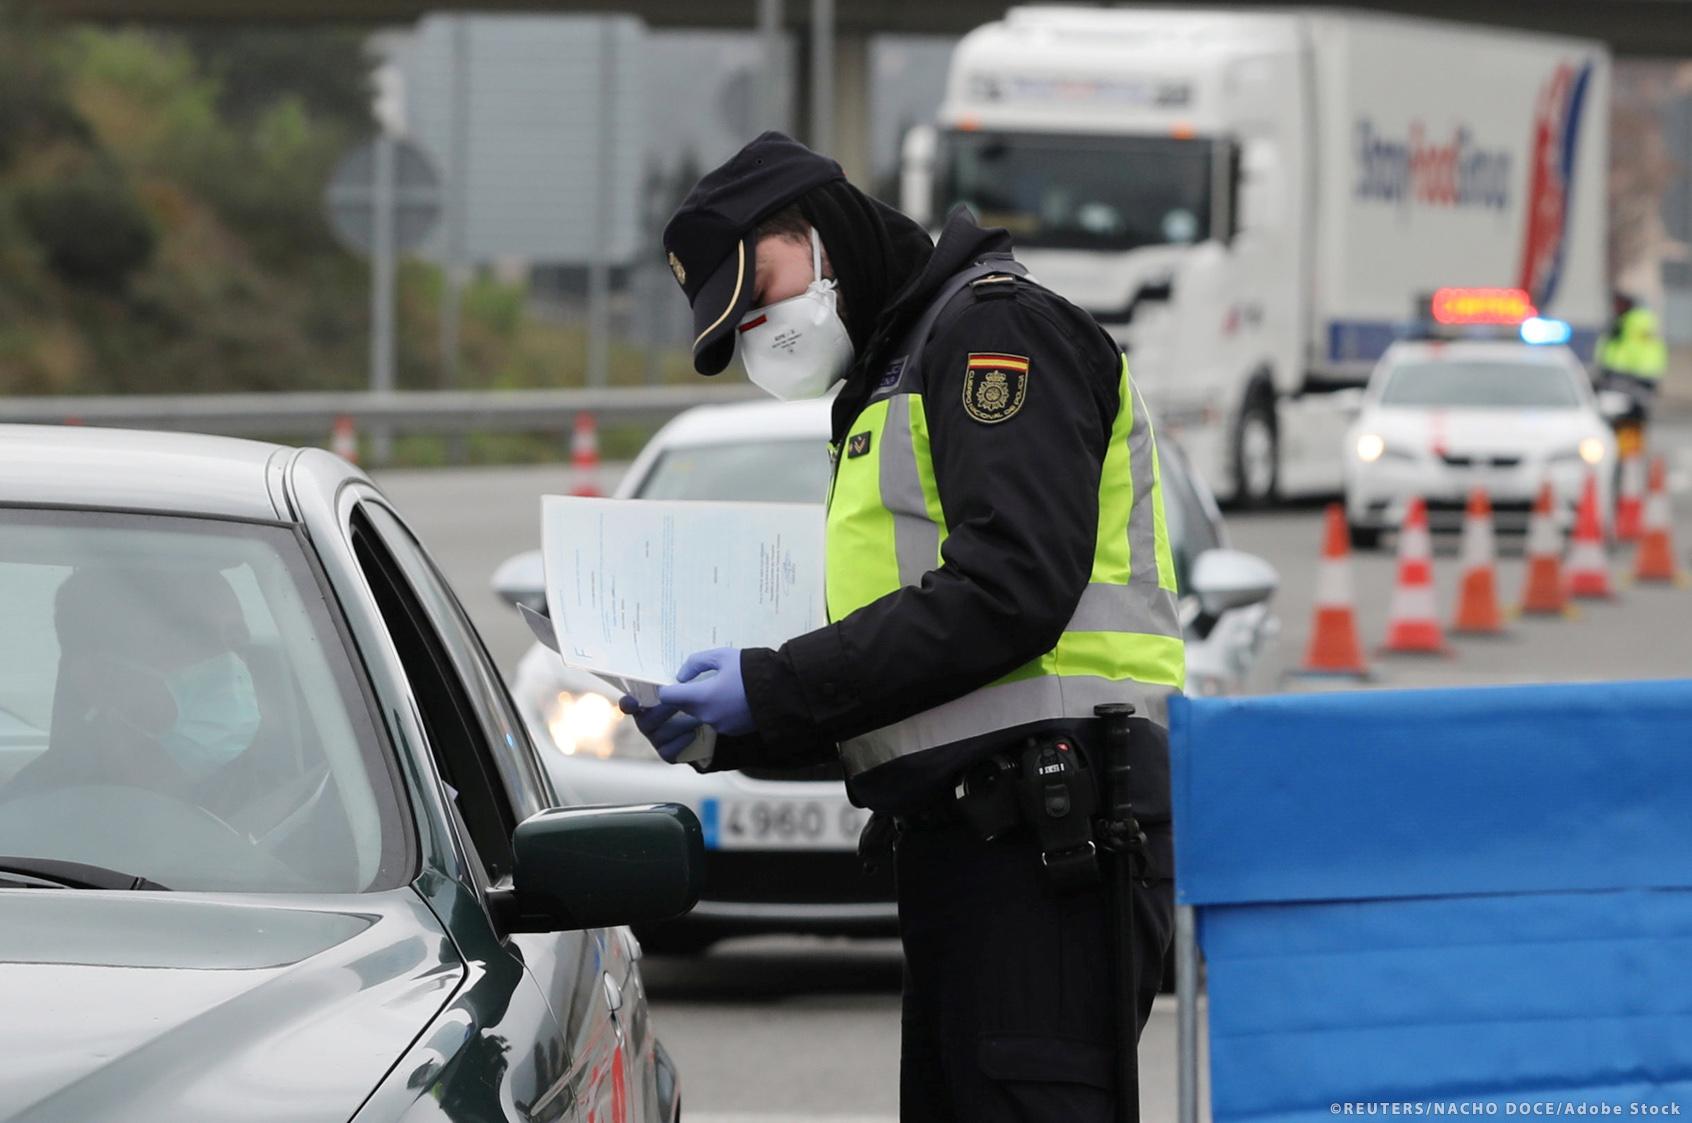 EU Border controls